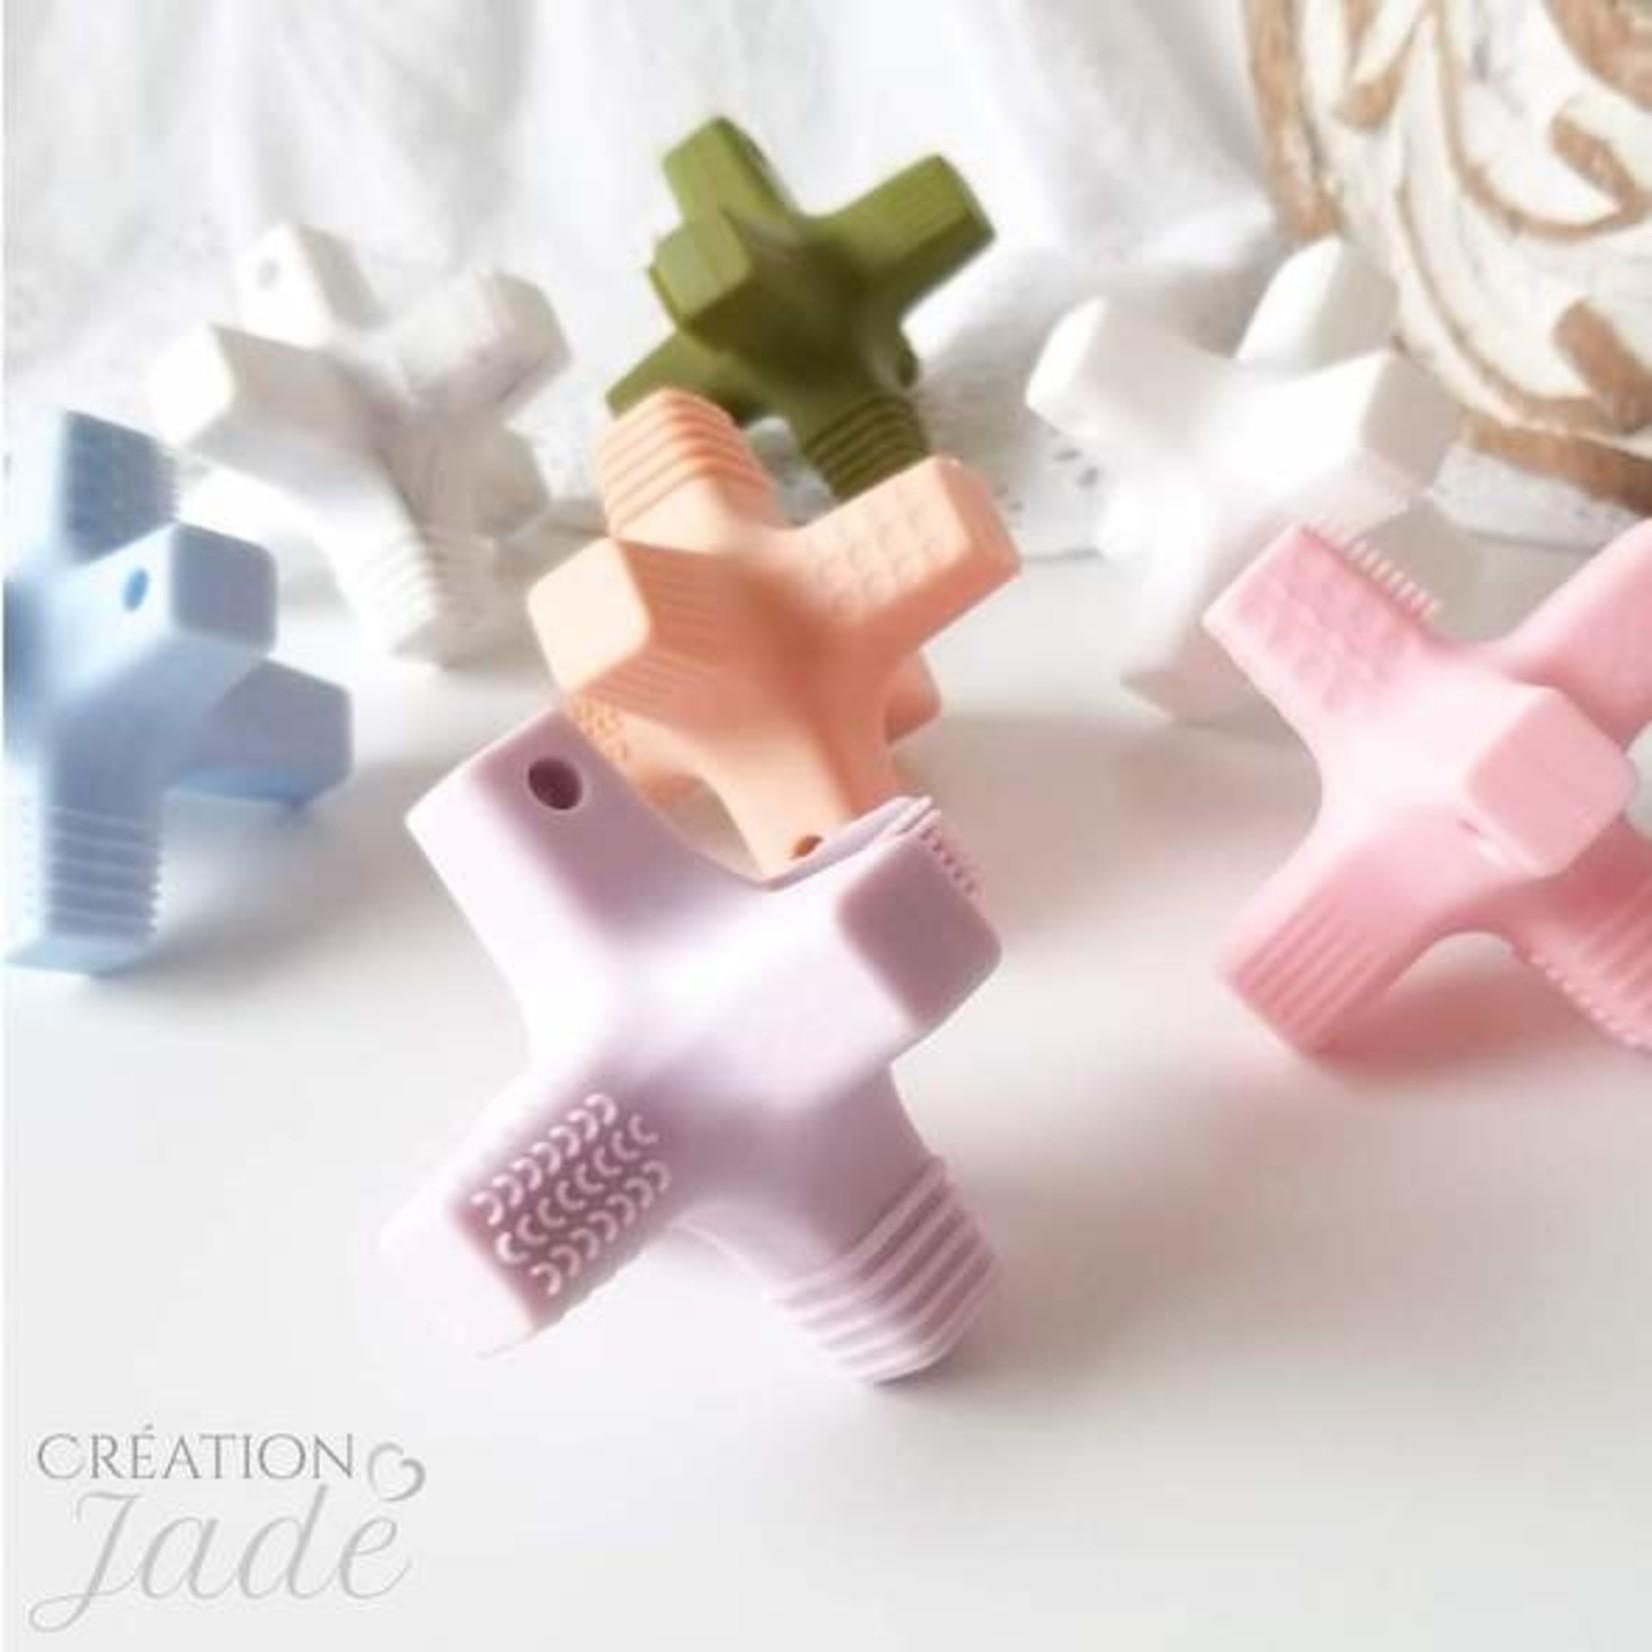 Création Jade || Croix sensorielle Menthe